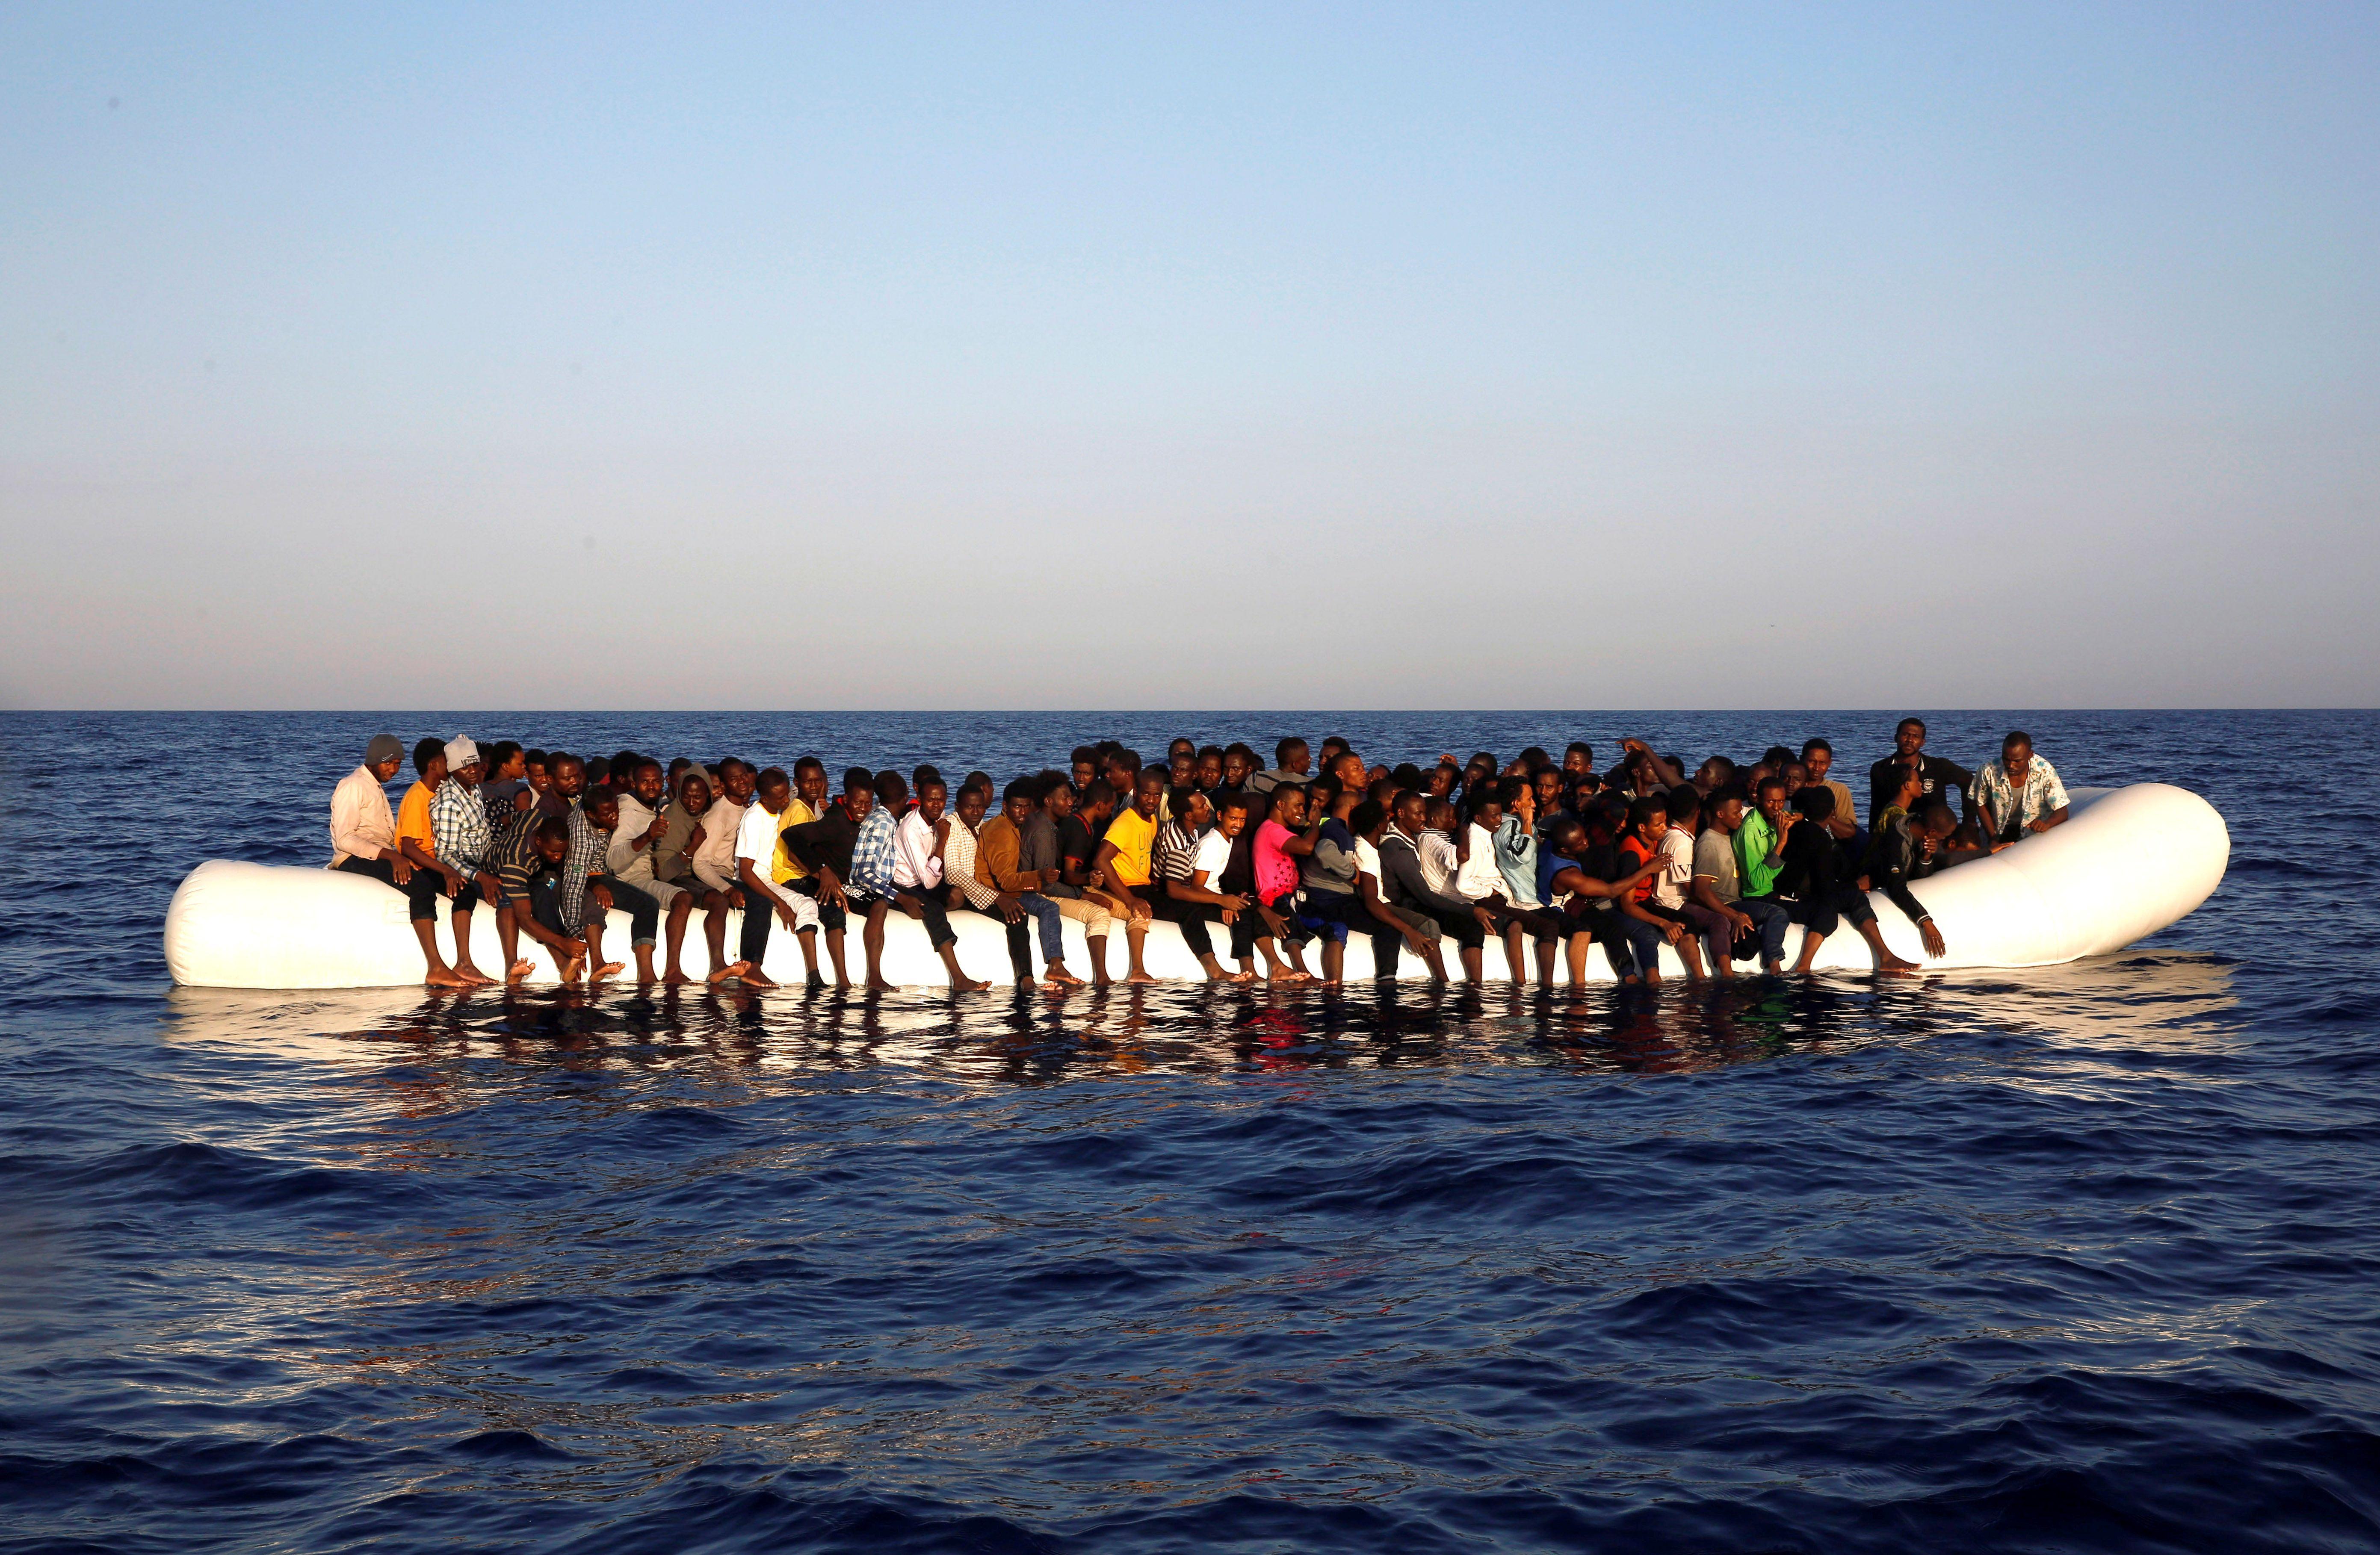 1 million de migrants venus d'Afrique seraient en route pour l'Europe... et les dirigeants européens s'apprêtent à commettre les mêmes erreurs que dans le passé